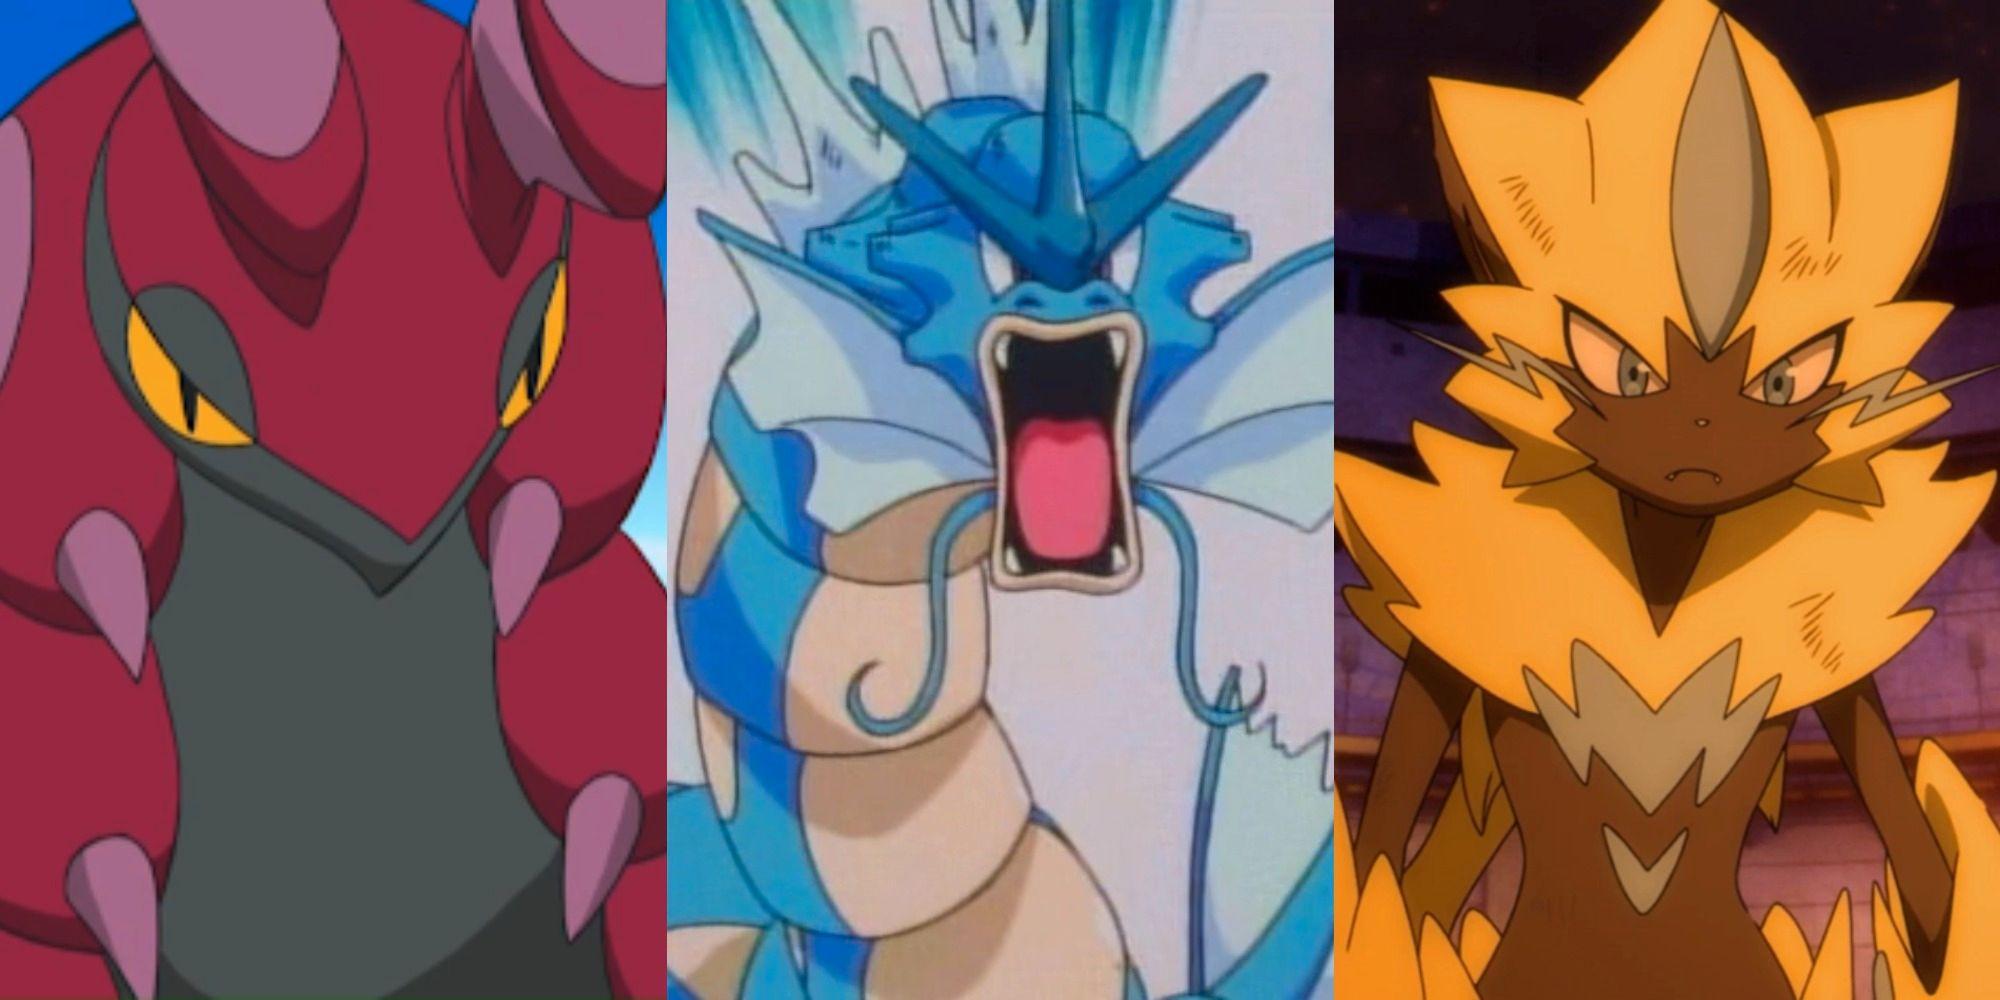 Nueva actualización de Pokémon Snap: todos los Pokémon agregados al juego y dónde encontrarlos